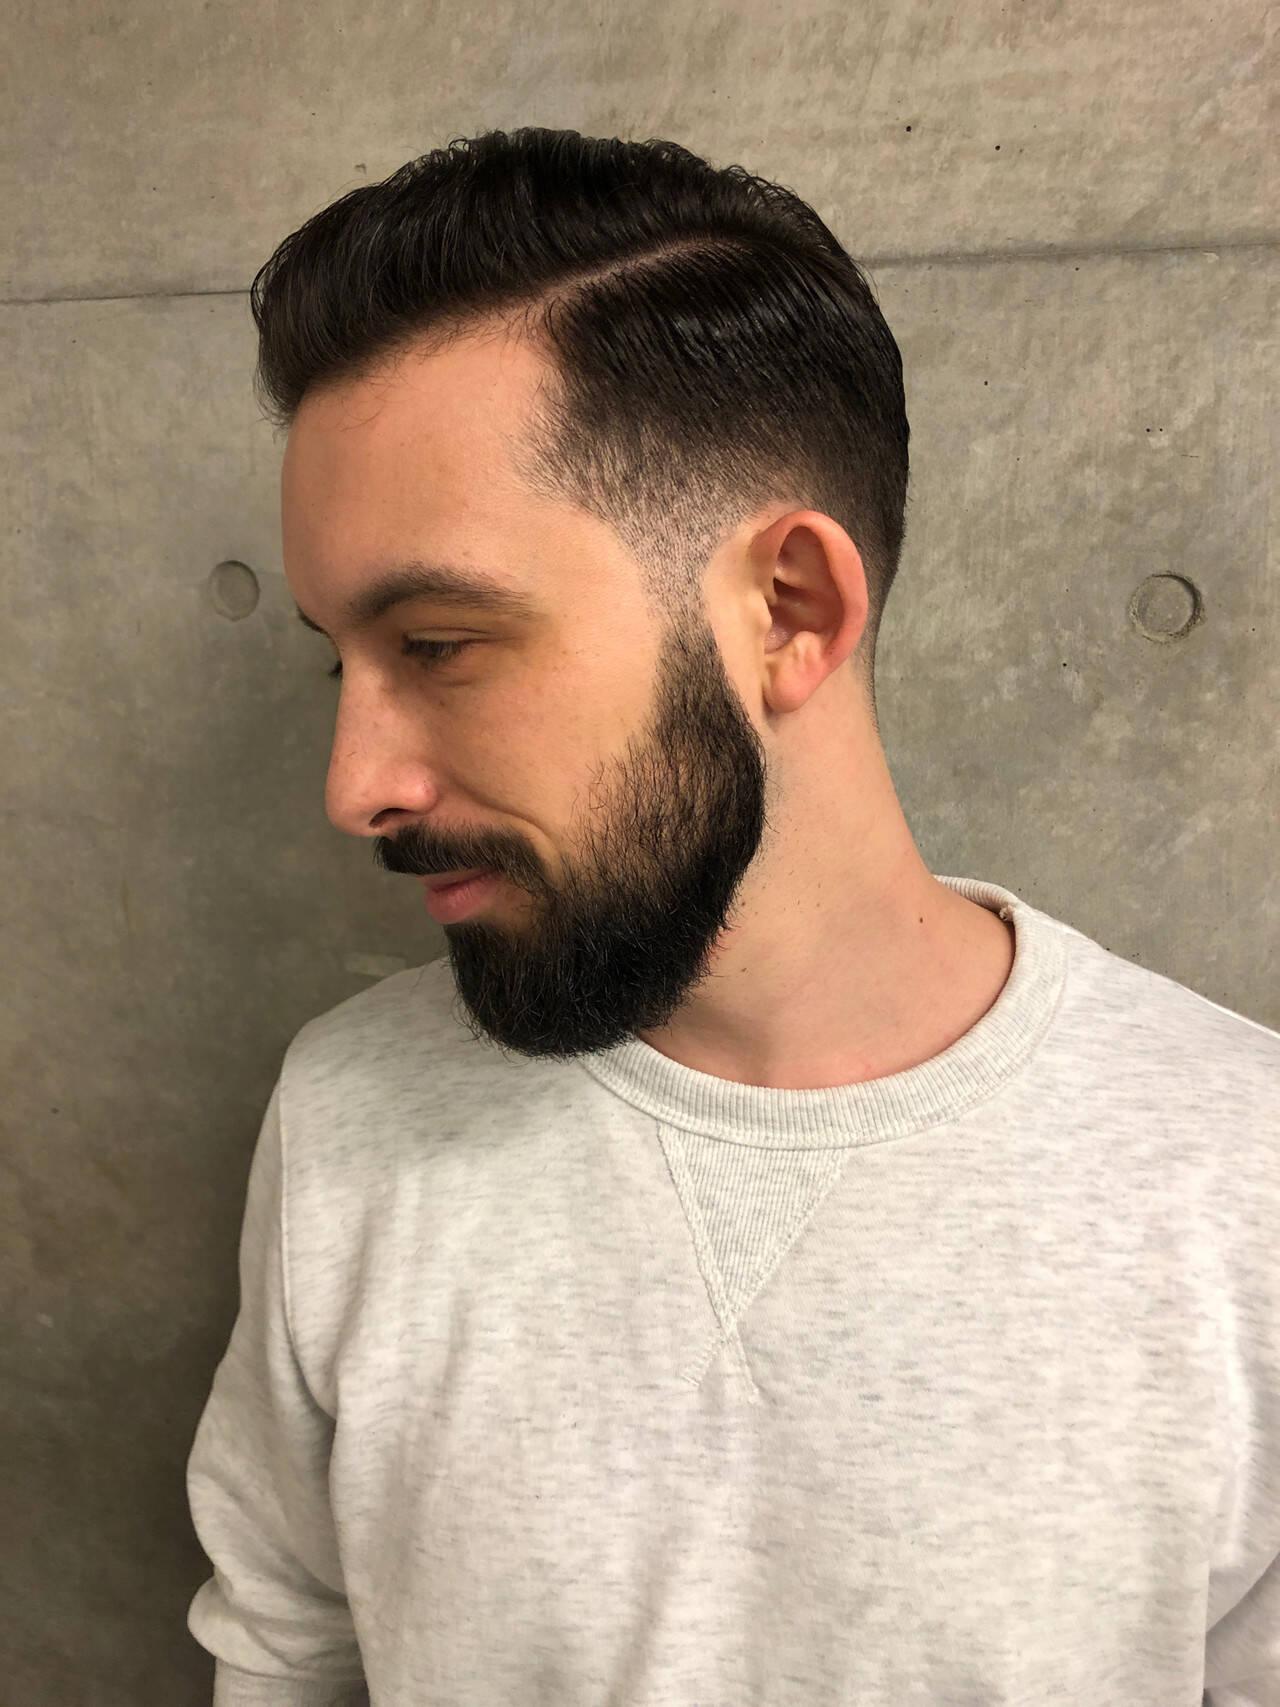 メンズカット ツーブロック 刈り上げ ストリートヘアスタイルや髪型の写真・画像